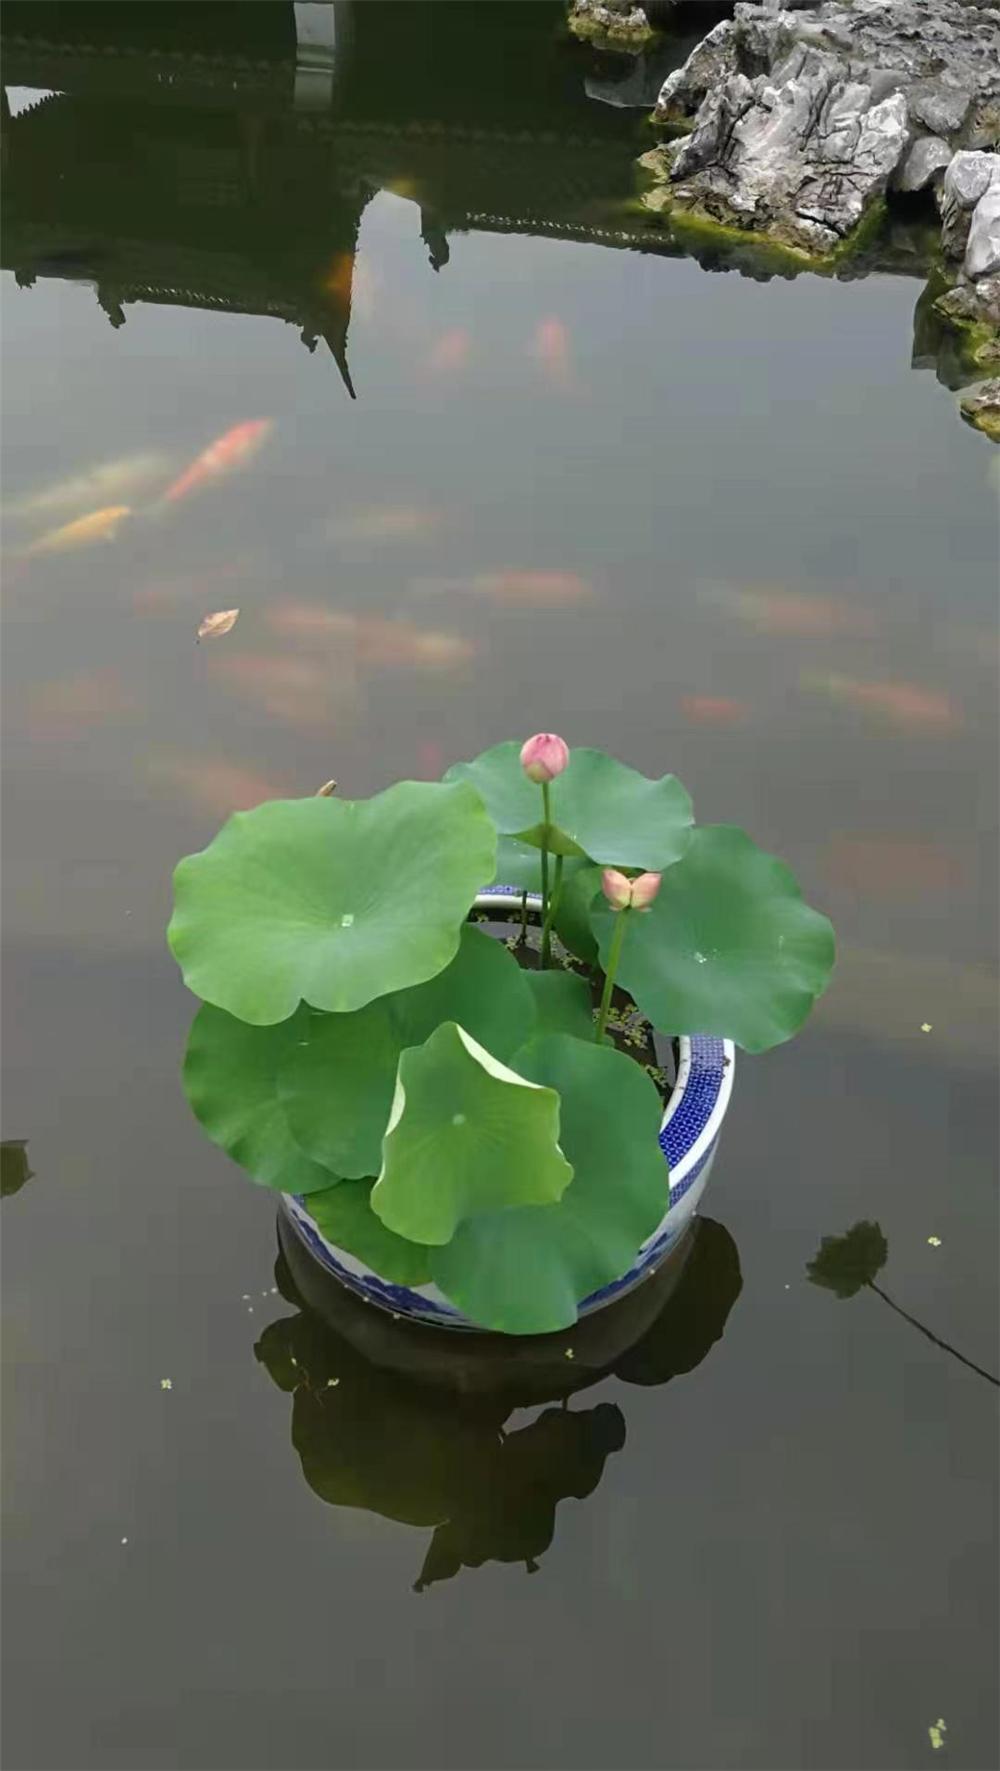 """莫愁湖,历史悠久的江南古典名园,""""莫愁烟雨""""列为""""金陵四十八景""""之首。远在明清时期,莫愁湖就大量栽植荷花。 李昆 摄"""